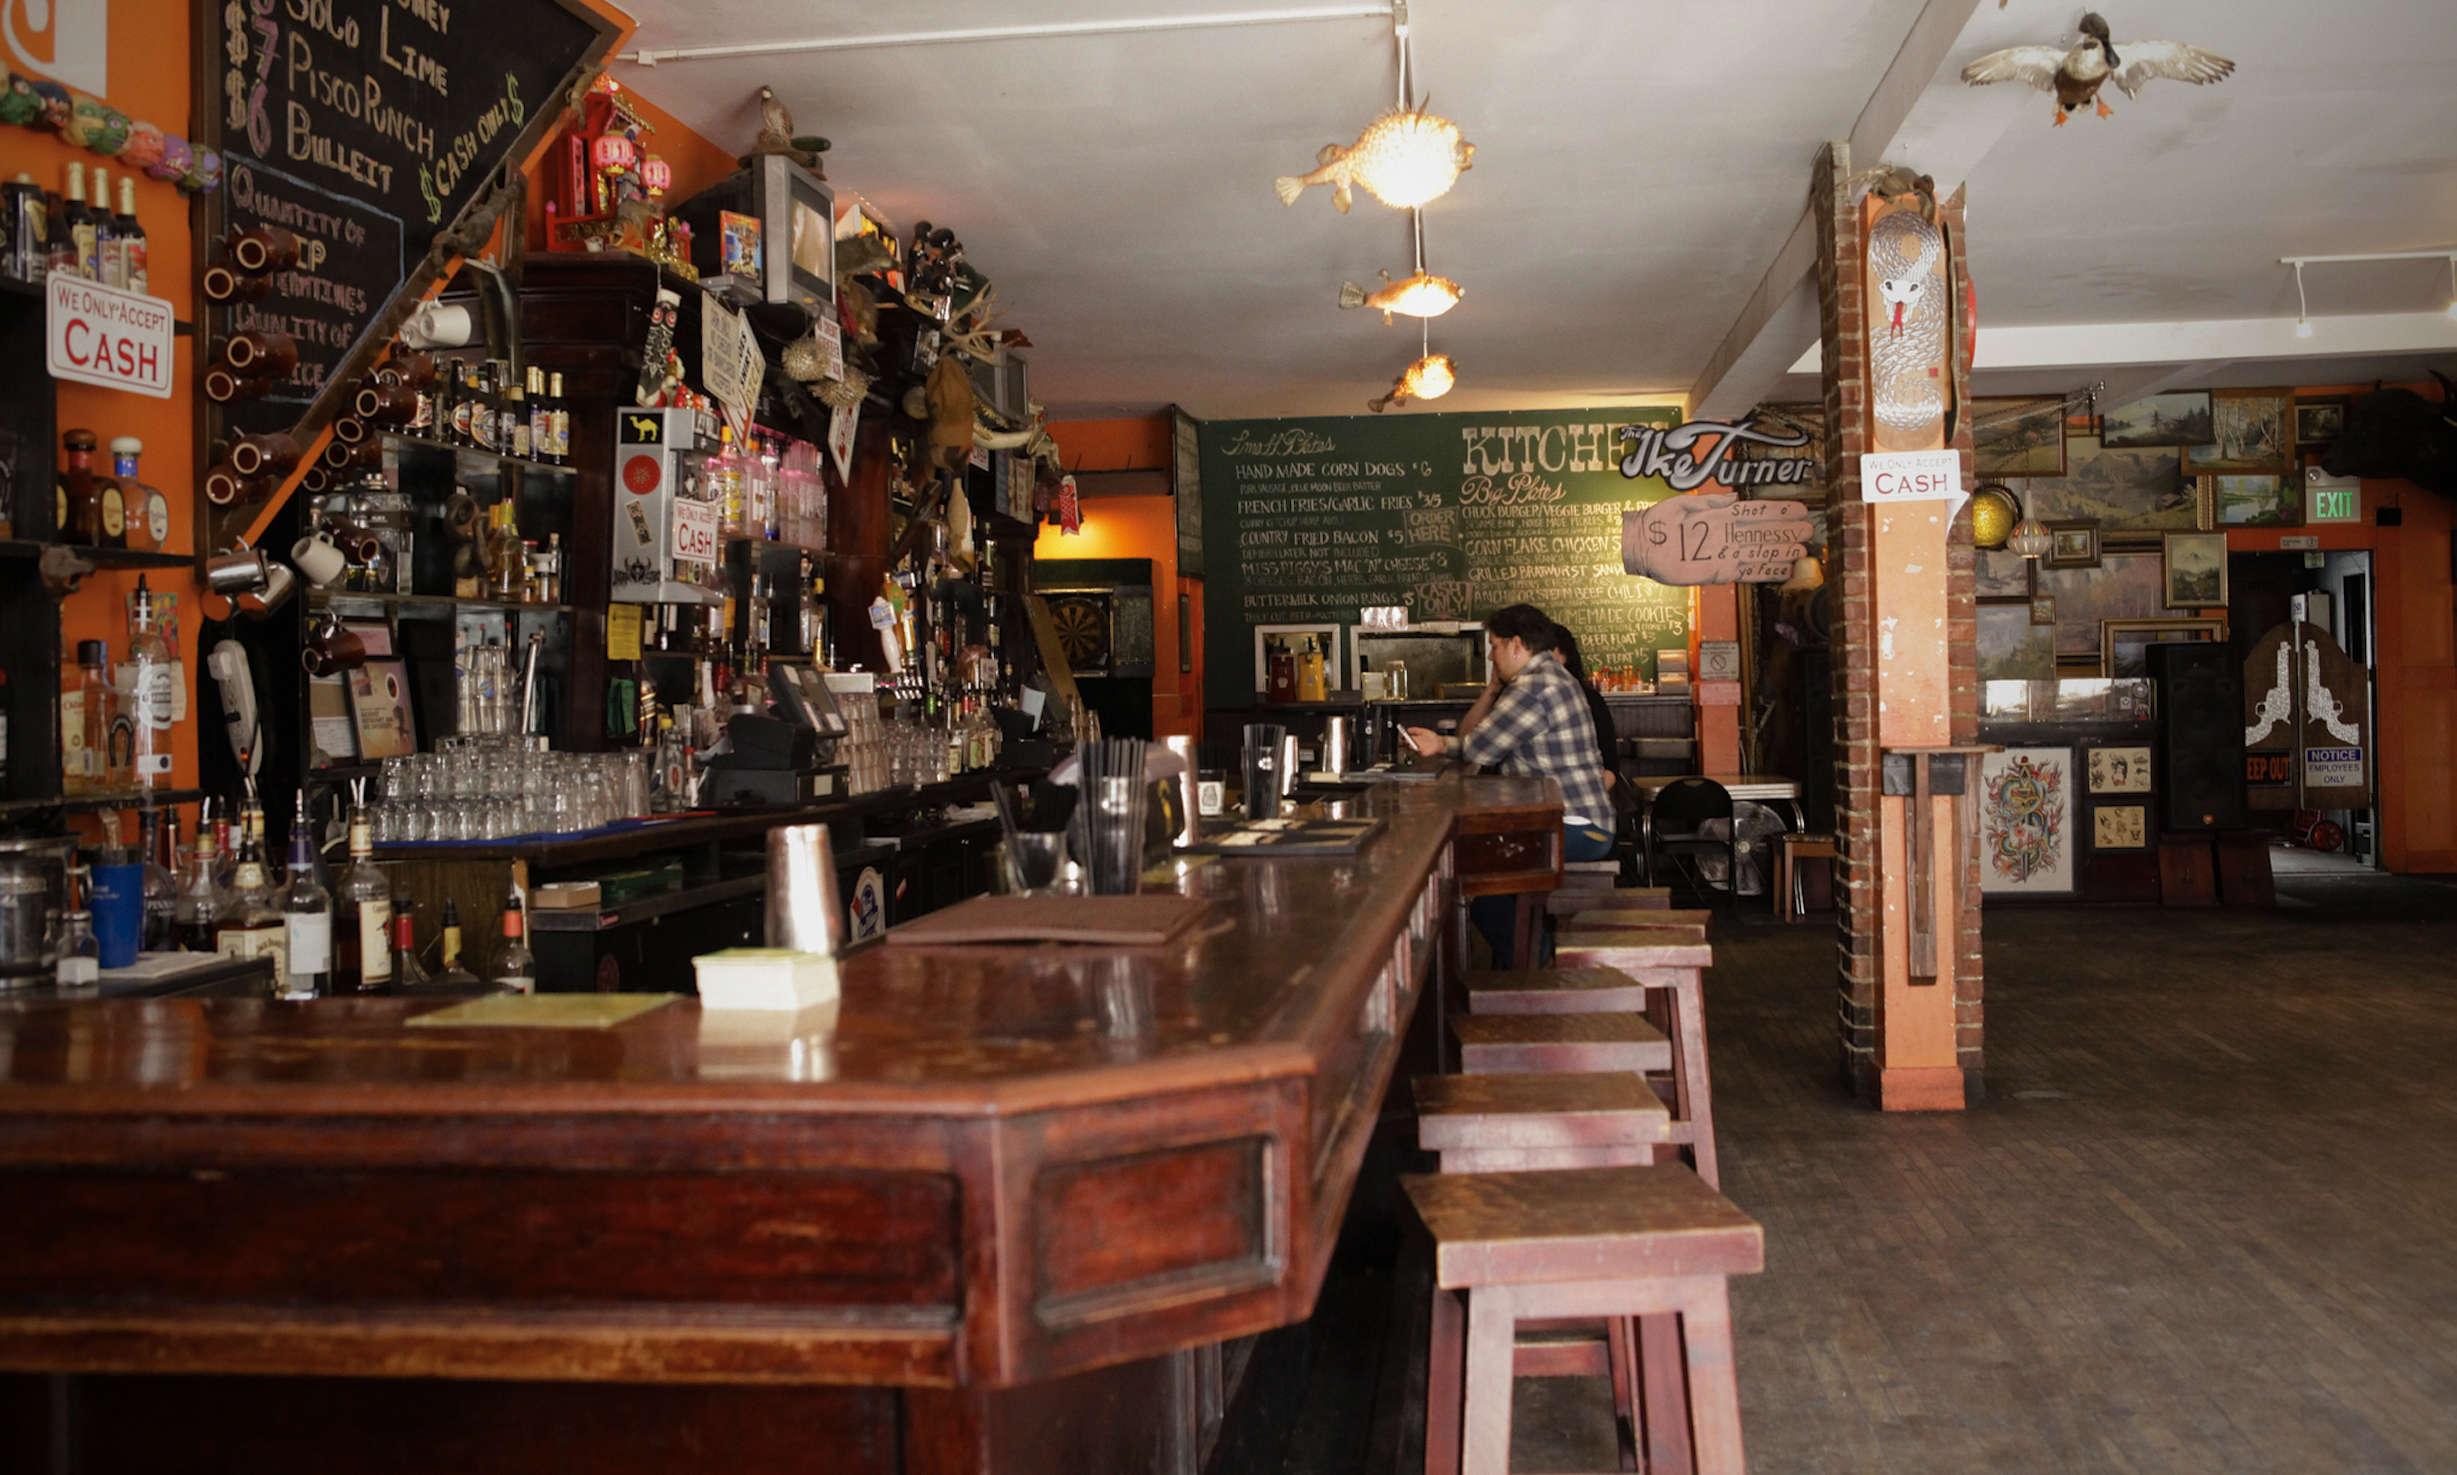 Buckshot Bar and Gamesroom